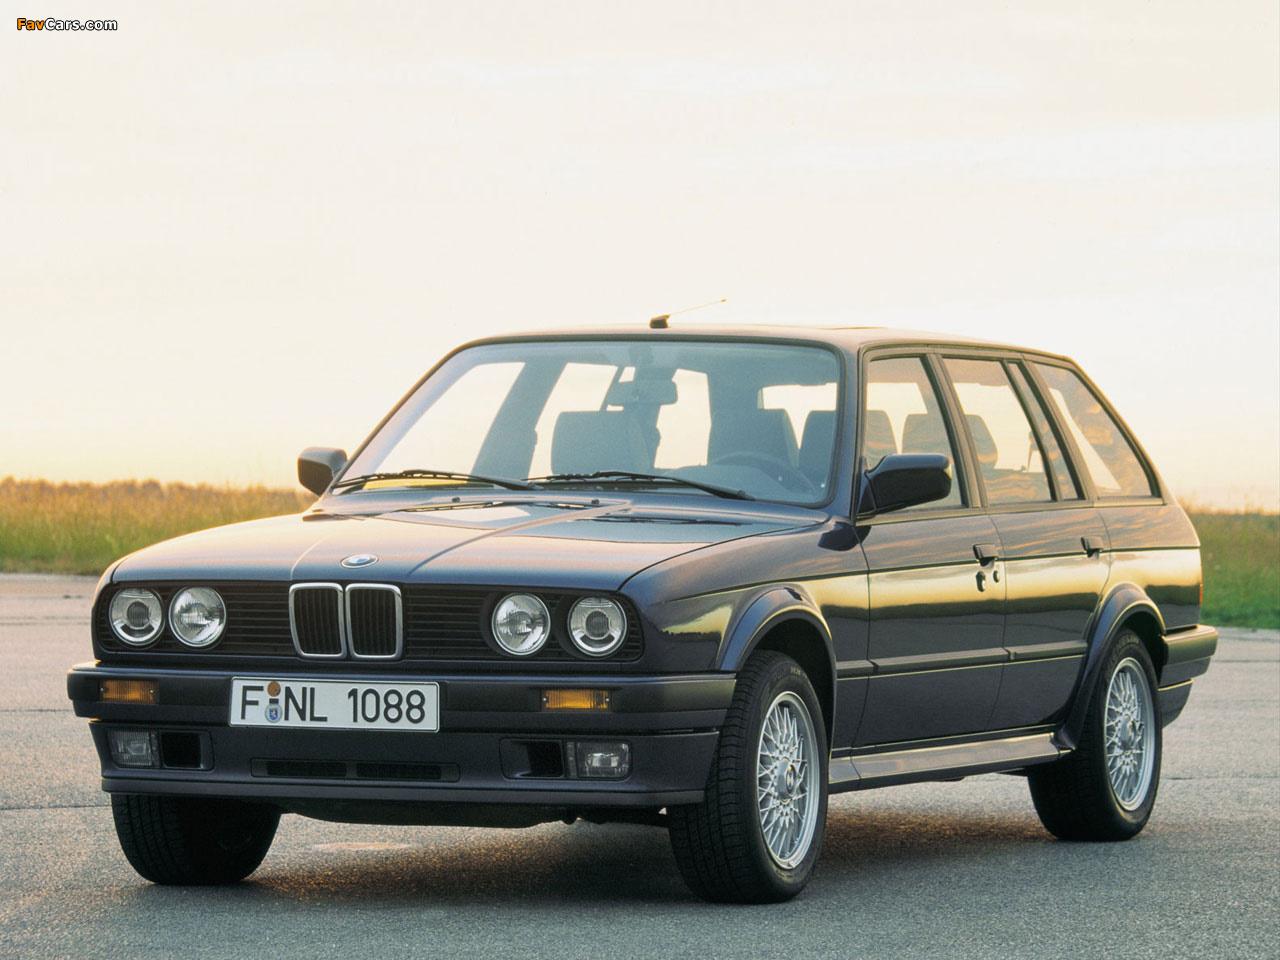 Bmw 325ix Touring E30 1988 93 Wallpapers 1280x960